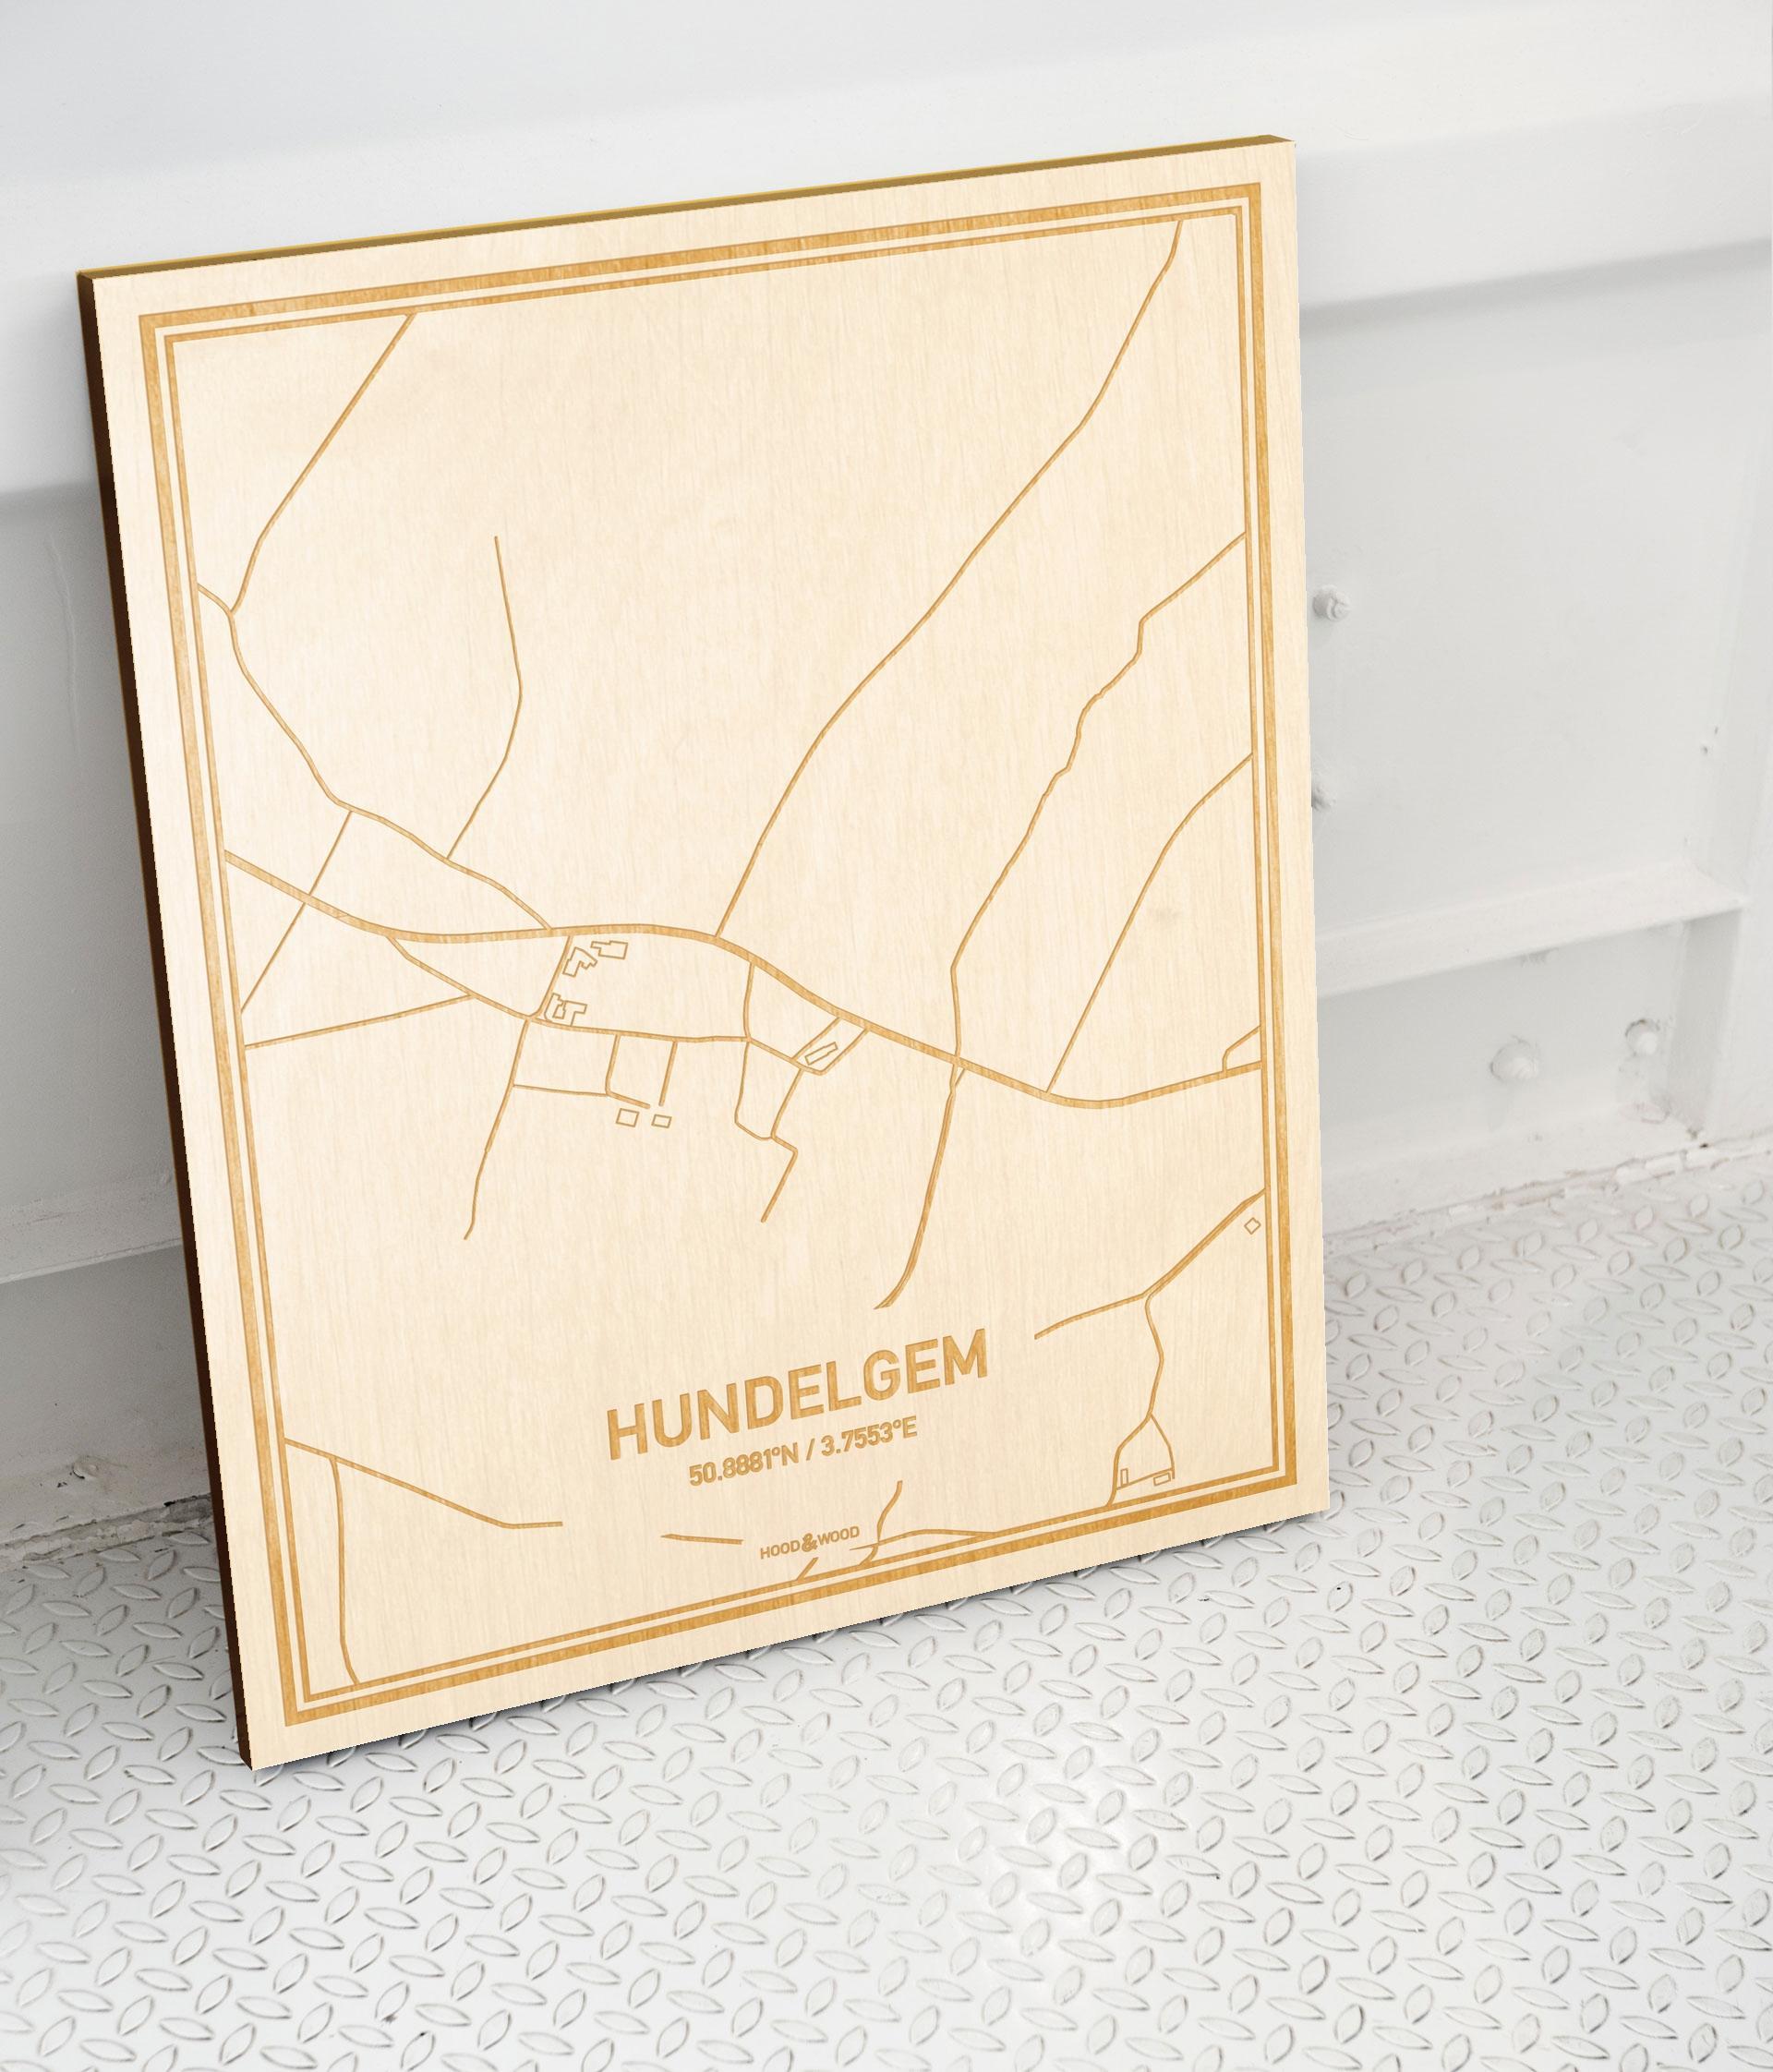 Plattegrond Hundelgem als prachtige houten wanddecoratie. Het warme hout contrasteert mooi met de witte muur.